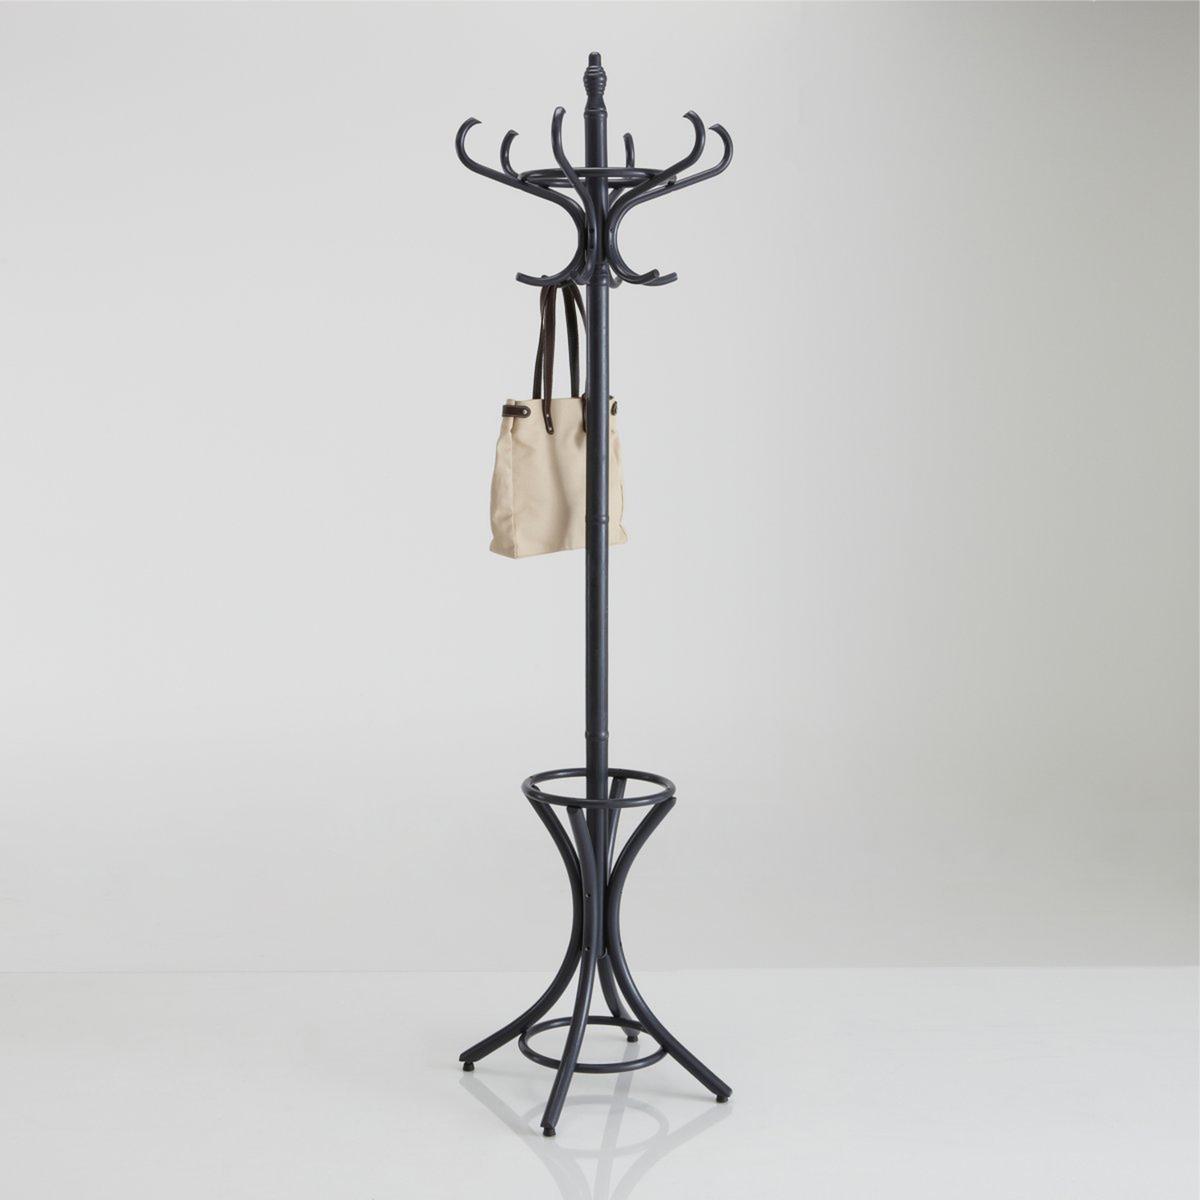 Вешалка-стойка AdjanНезаменимая вешалка-стойка Adjan в современном стиле: классическая вешалка самых модных цветов, Вам обязательно приглянётся какая-нибудь из них .Описание вешалки-стойки Adjan :- 1 венец с 6 изогнутыми крючками.- 4 опорные ножки с горизонтальным обручем сверху и снизу, служат подставкой для зонтов.Вешалка-стойка Adjan продаётся в разобранном виде.Характеристики вешалки-стойки Adjan :- Натуральный массив гевеи с нитроцеллюлозной лаковой отделкойРазмеры вешалки-стойки Adjan :- ? 38 x В 182 см.Размеры и вес упаковки :- 1 коробка72,5 x 38 x 8 см.5 кг..<br><br>Цвет: антрацит